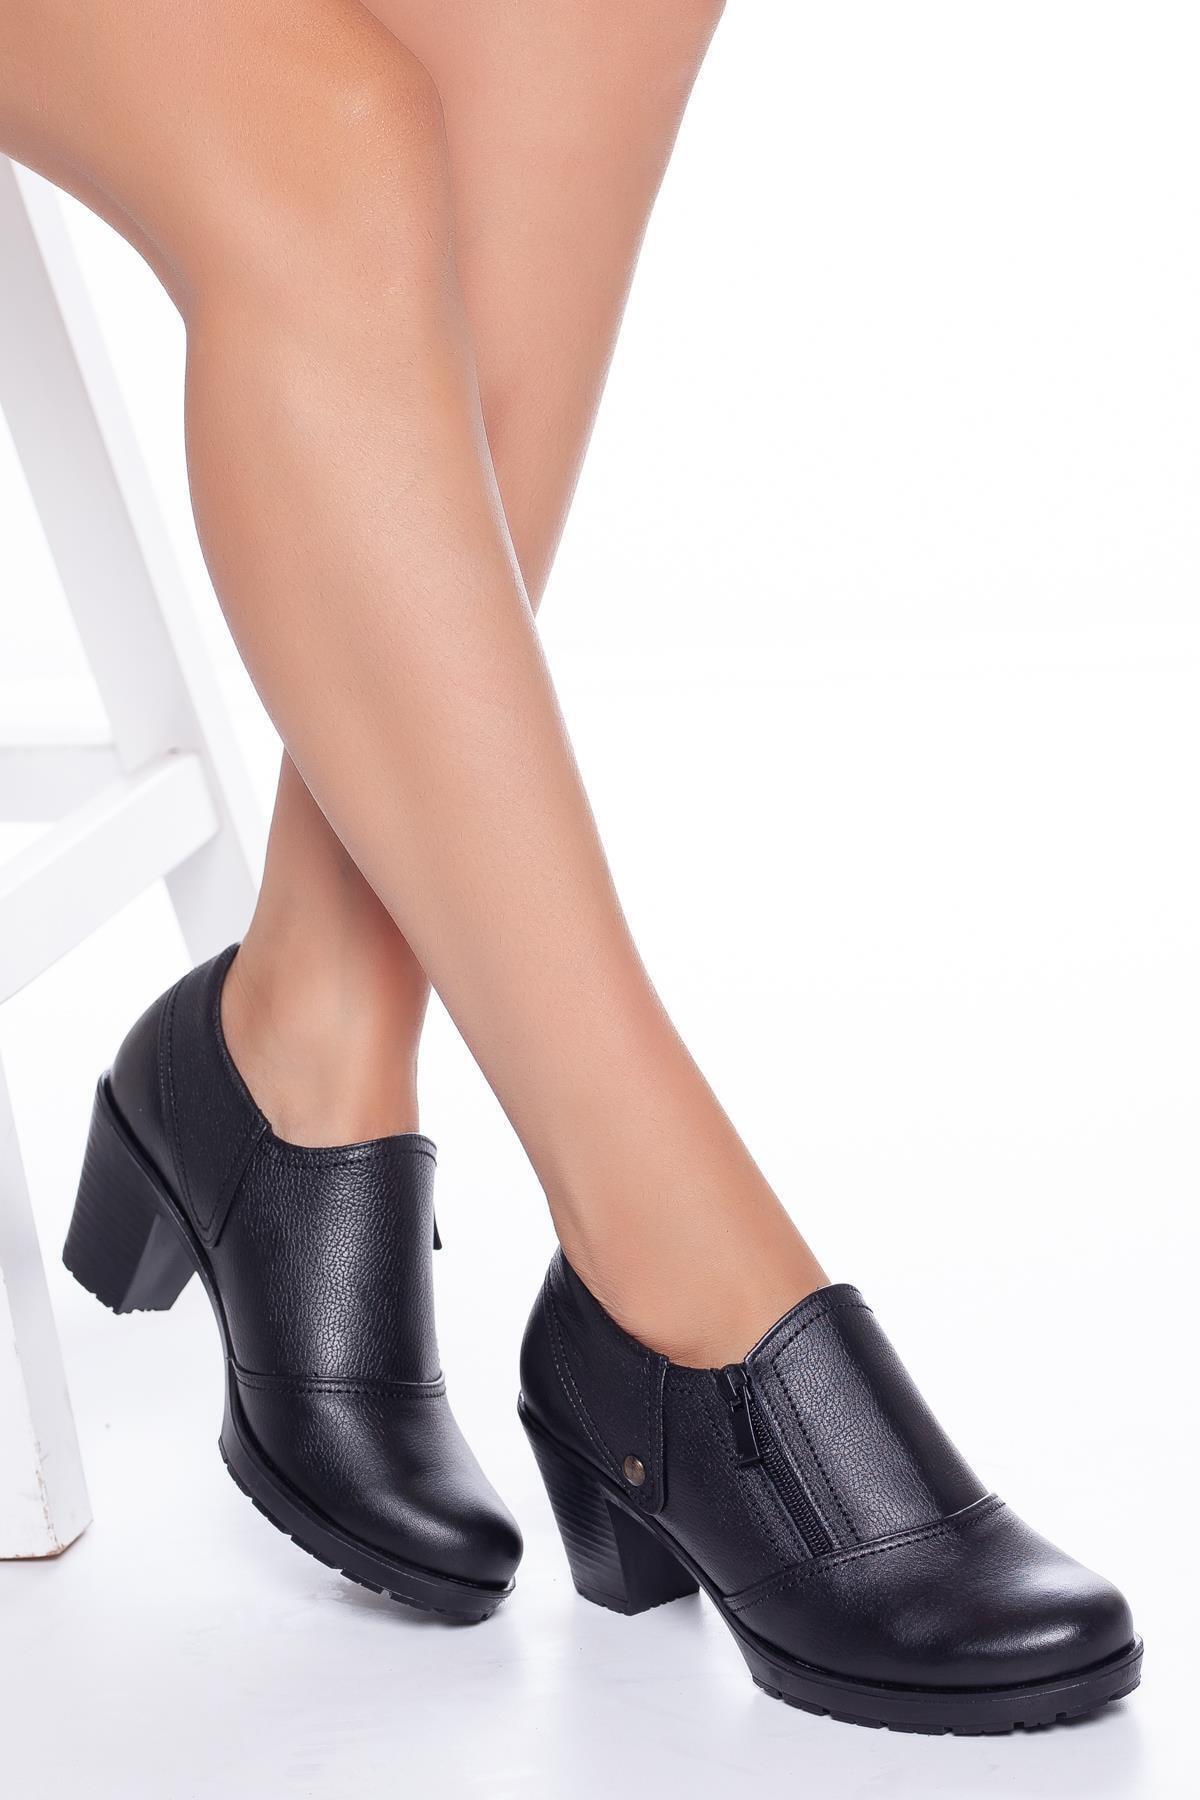 Diego Carlotti Hakiki Deri Topuklu Günlük Kadın Ayakkabı Sonbahar / Kış Sezon 1